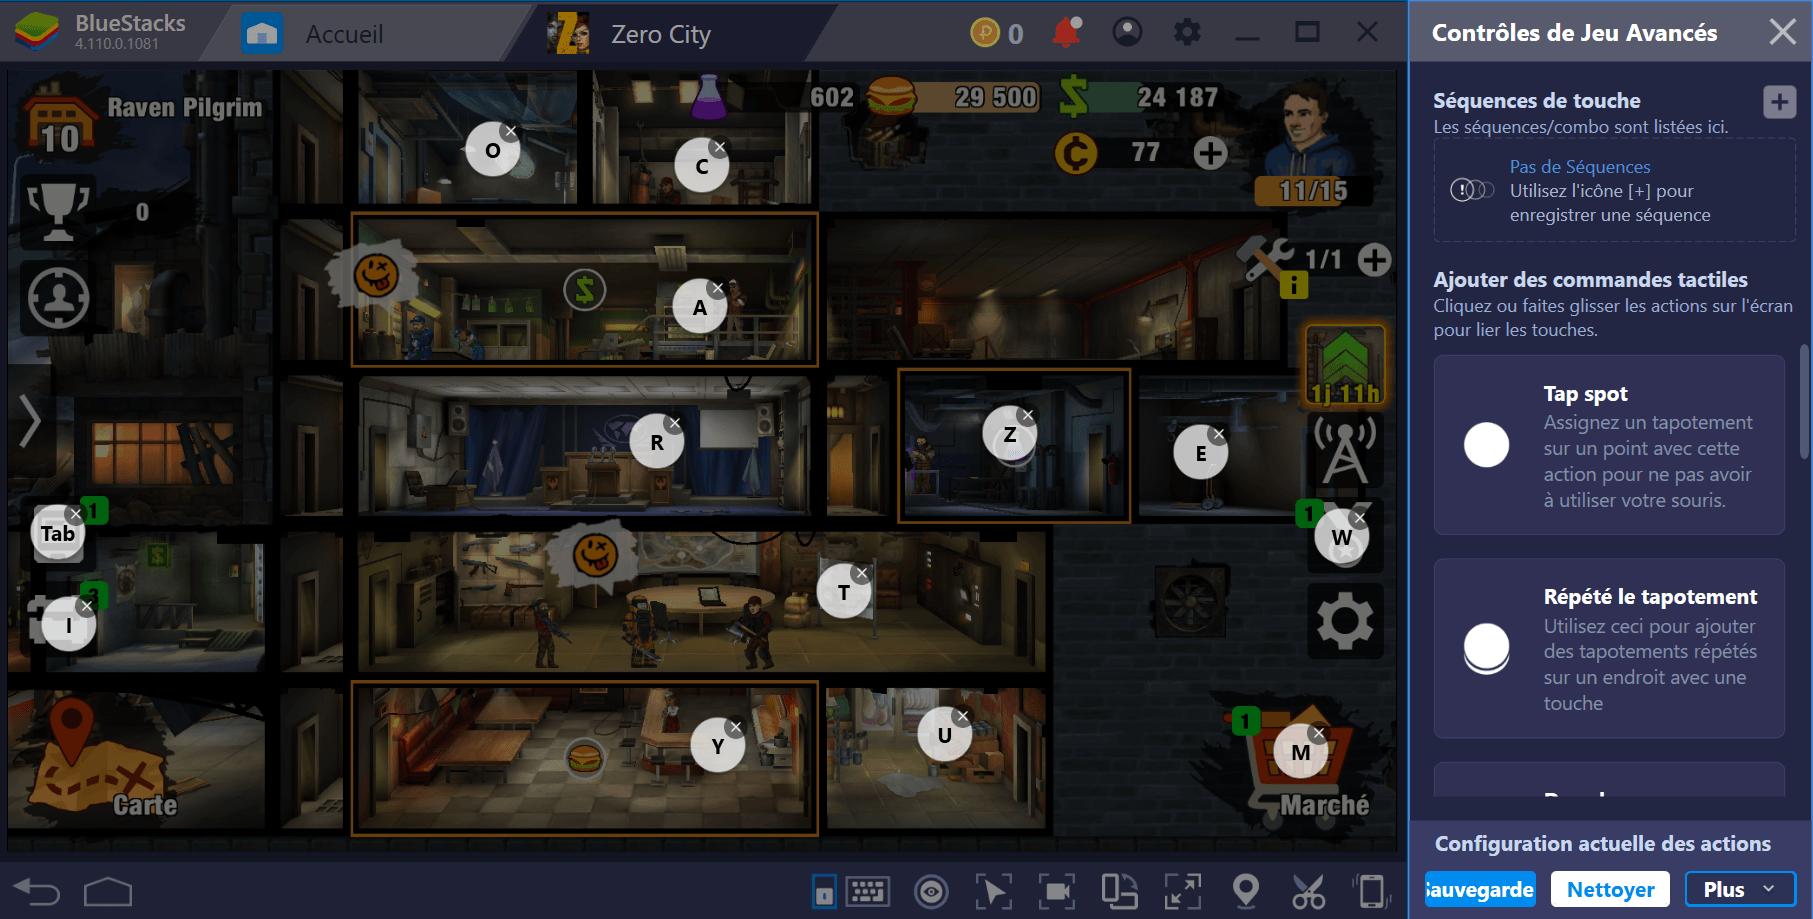 Affrontez les zombies de l'apocalypse dans Zero City avec BlueStacks